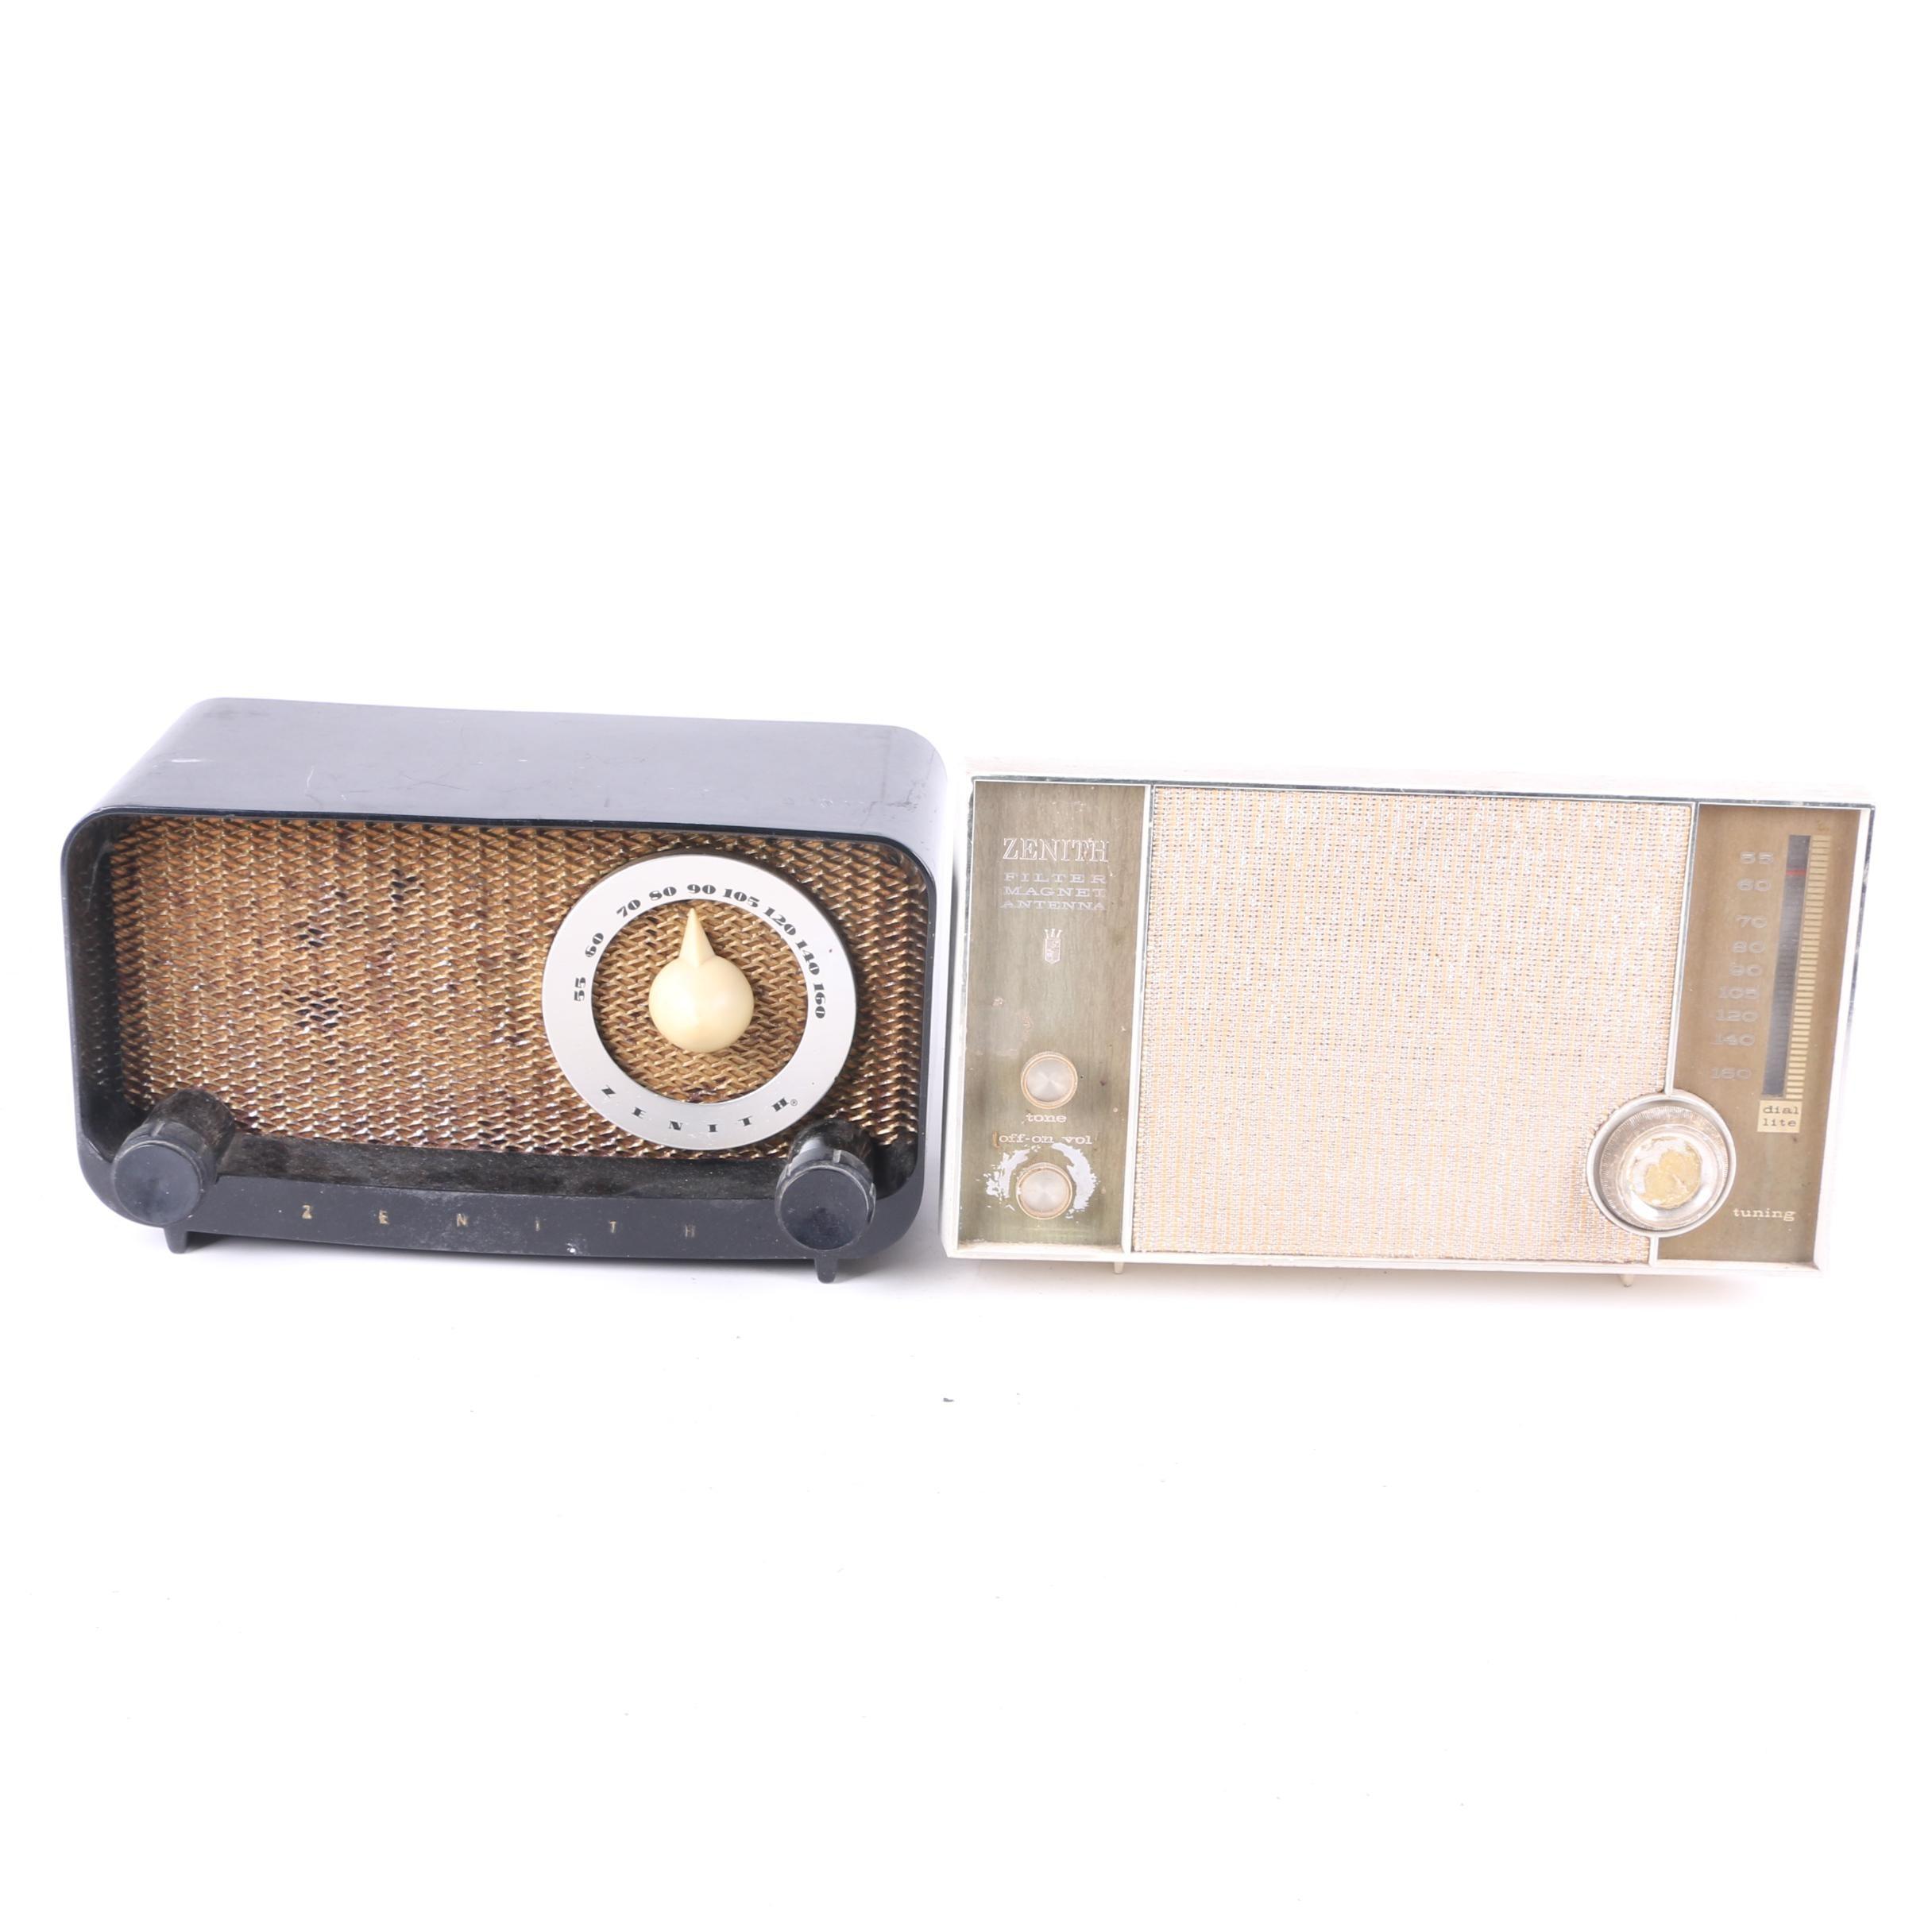 Vintage Zenith Tabletop Radios